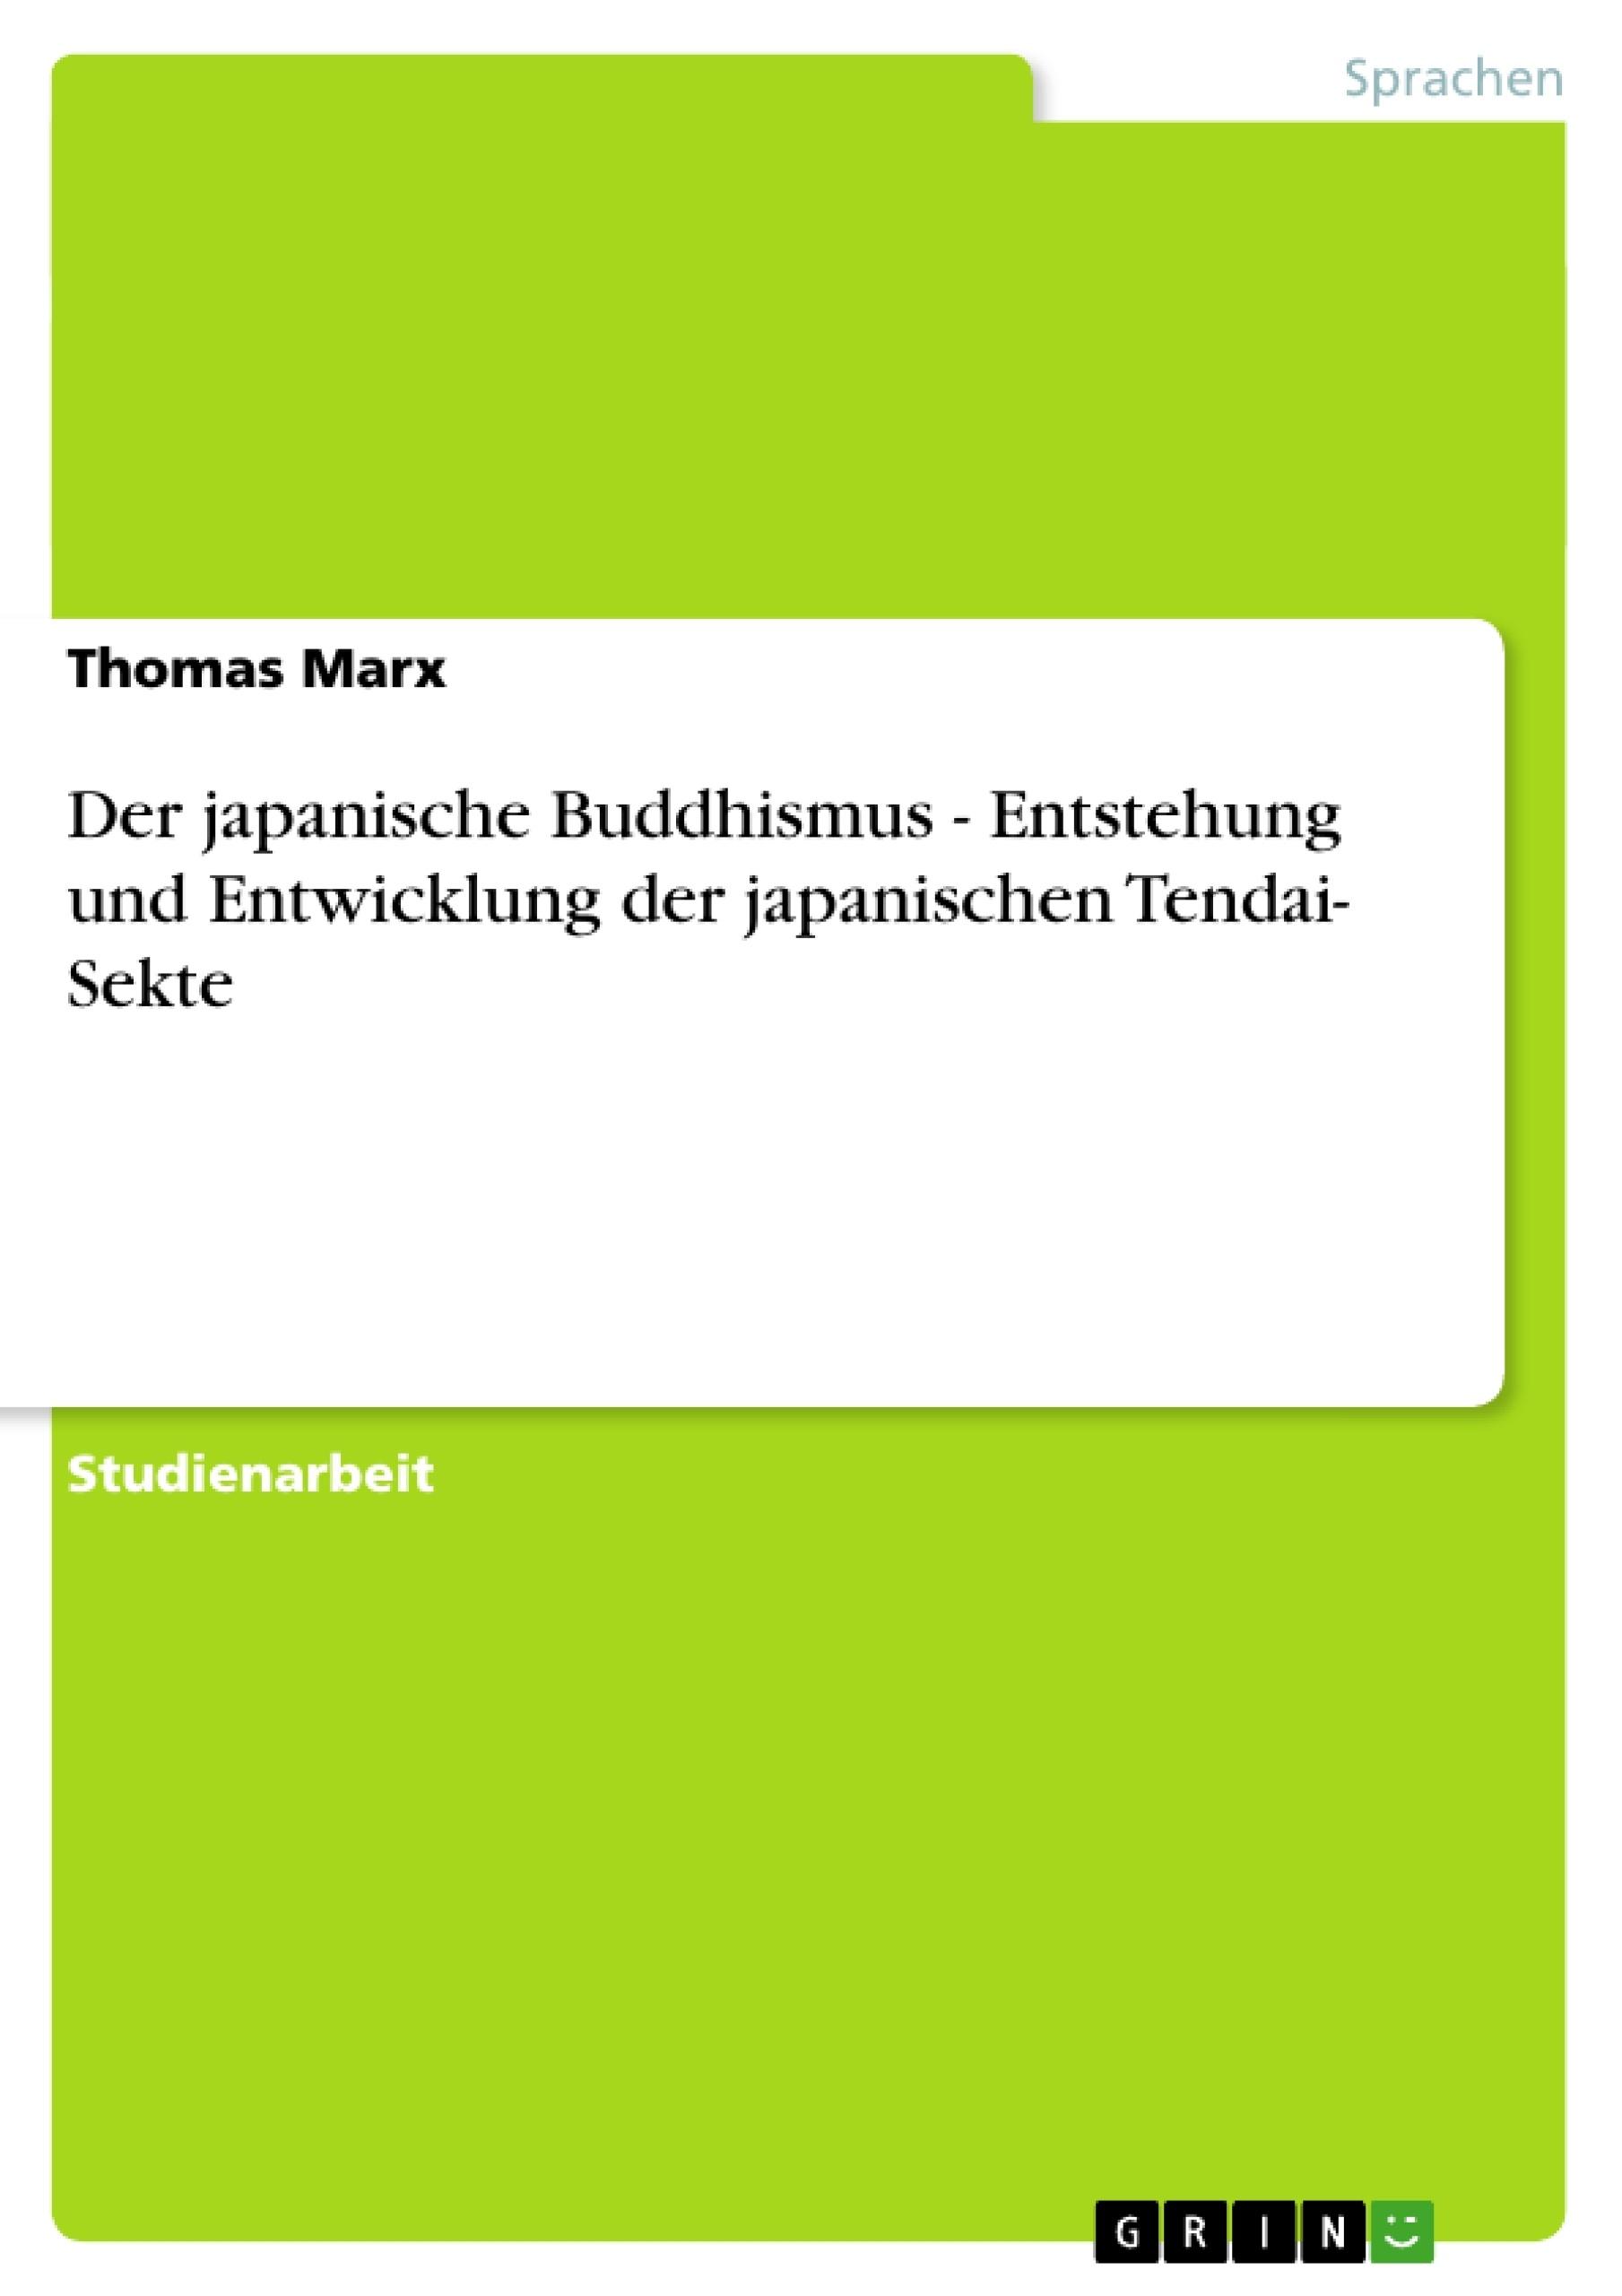 Titel: Der japanische Buddhismus -  Entstehung und Entwicklung der japanischen Tendai- Sekte